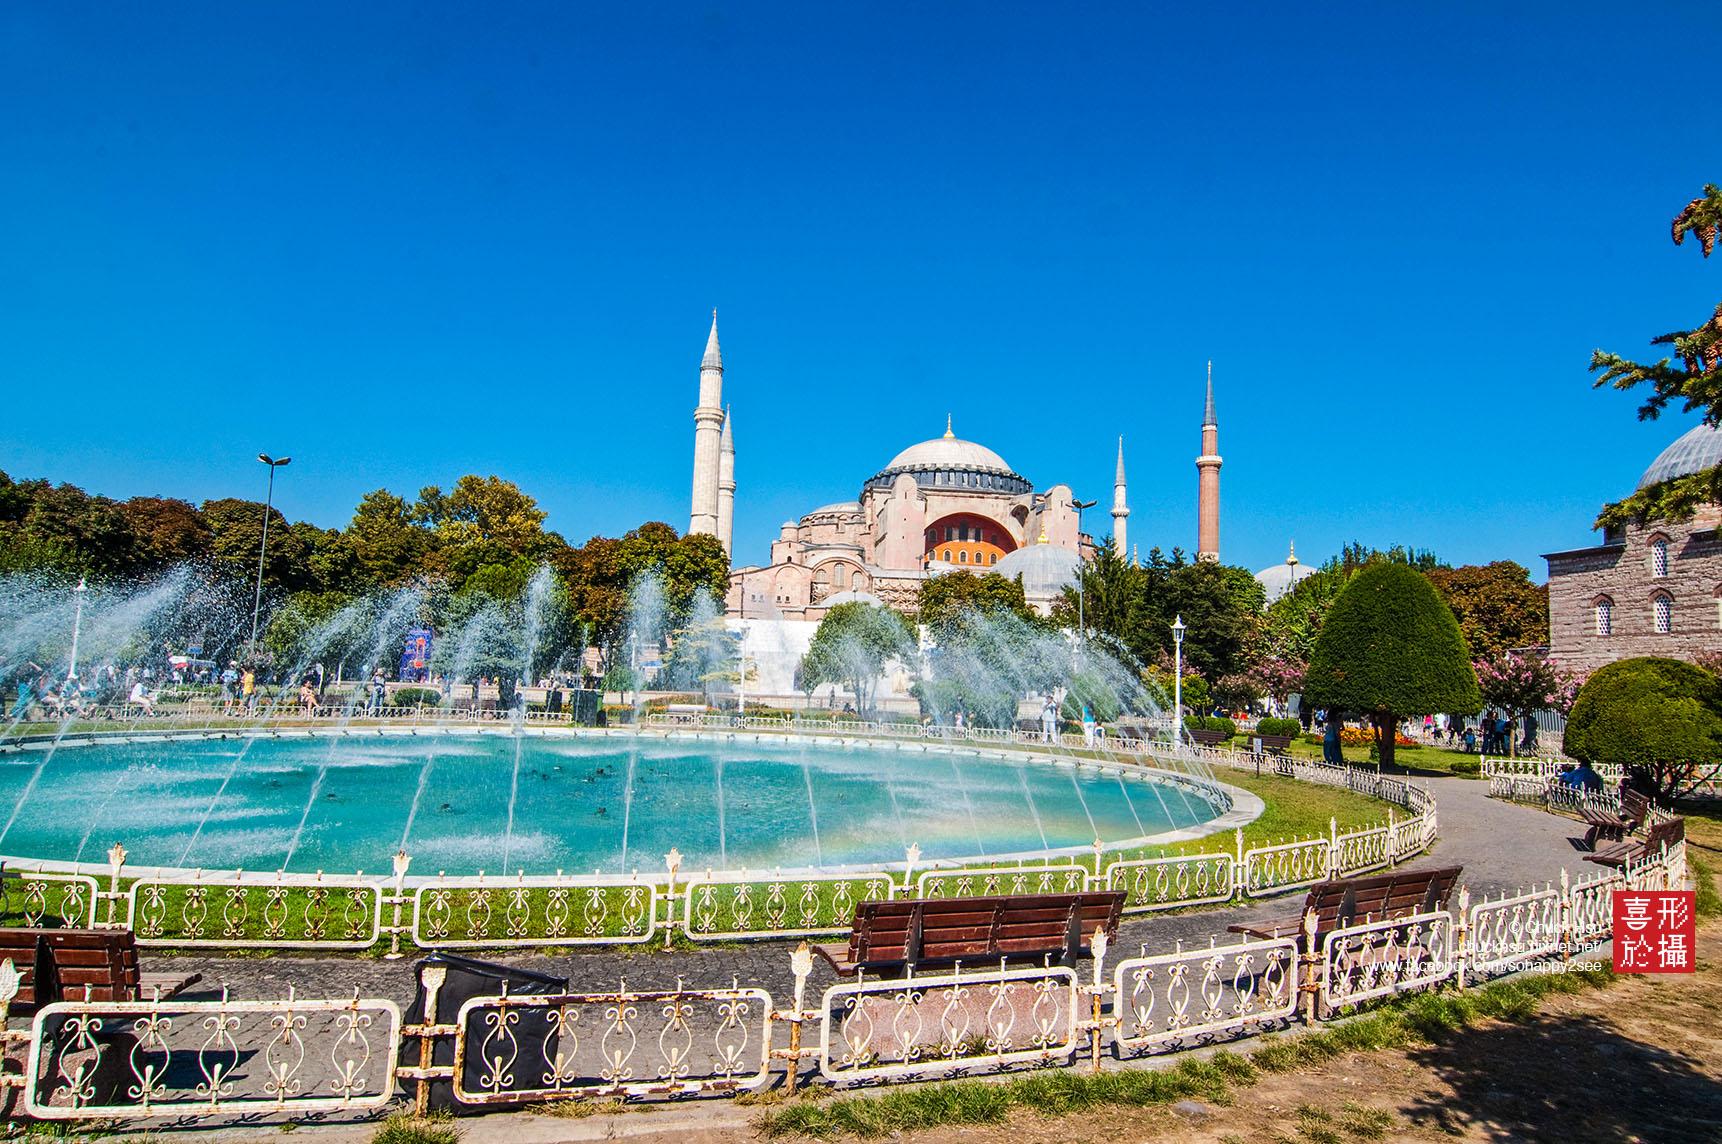 伊斯坦堡‧聖索菲亞大教堂 Hagia Sophia